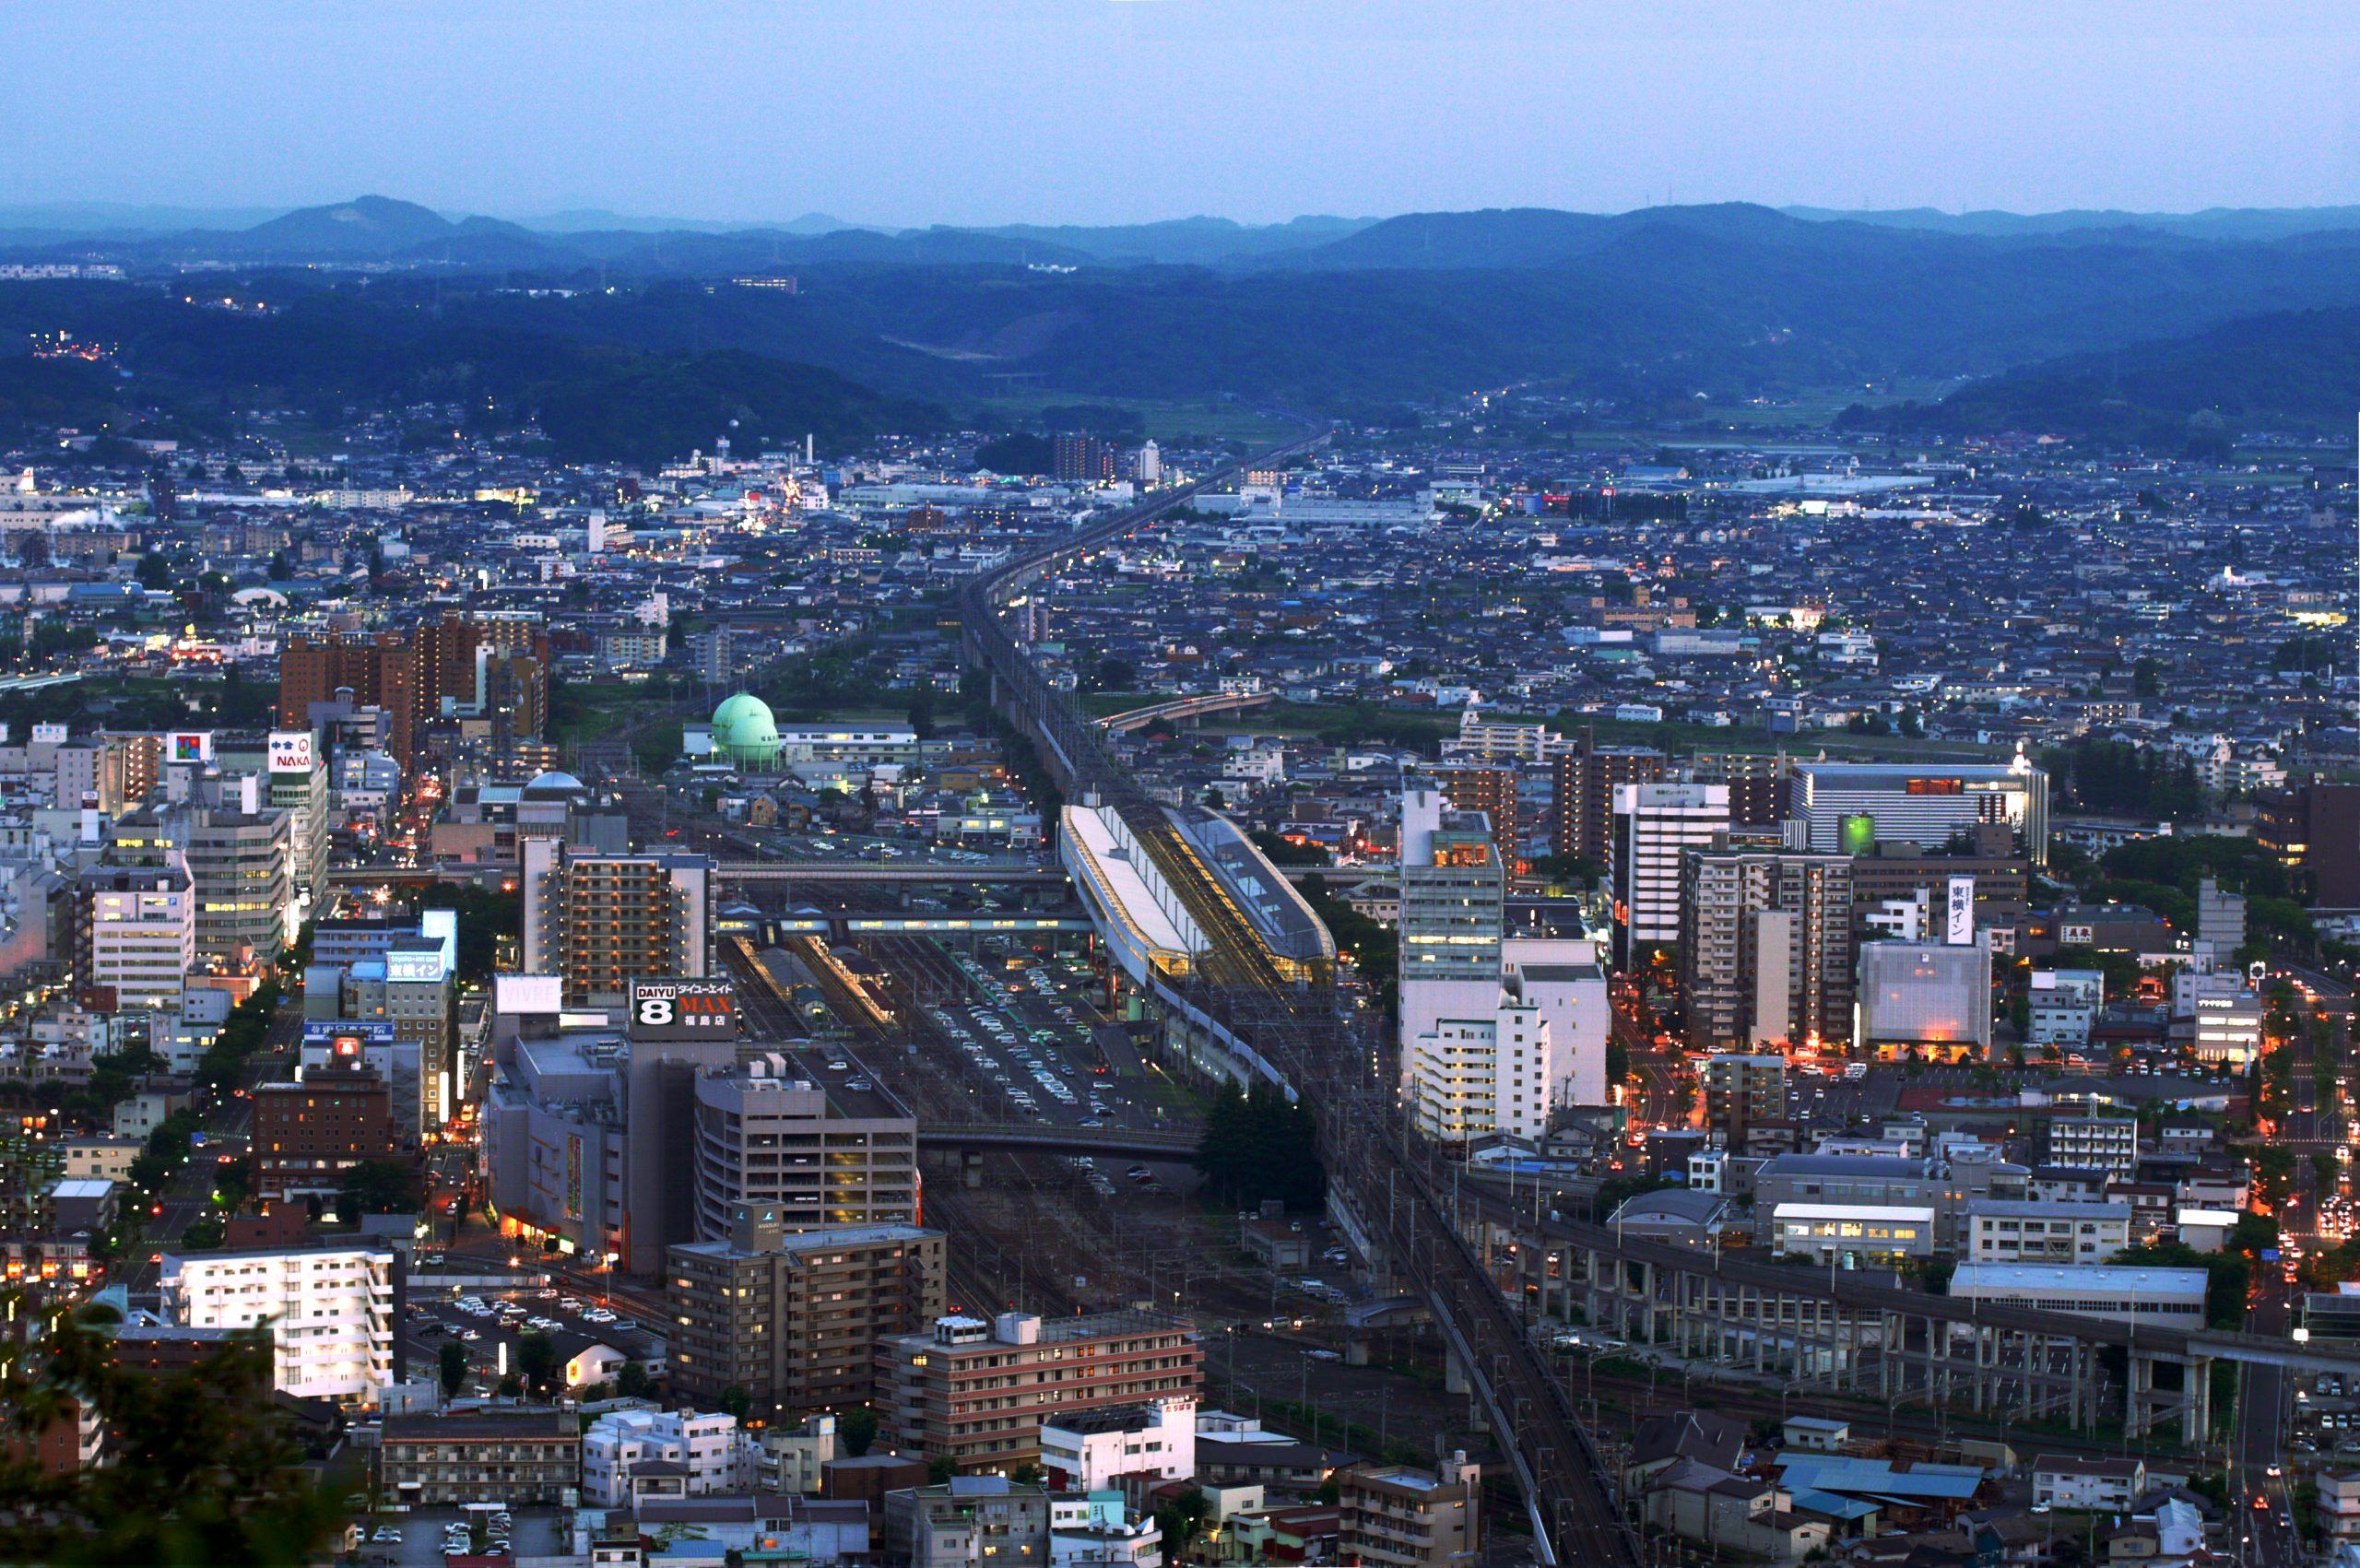 Fontes energéticas no Japão: entenda de que forma um país de primeiro mundo lida com a escassez de petróleo